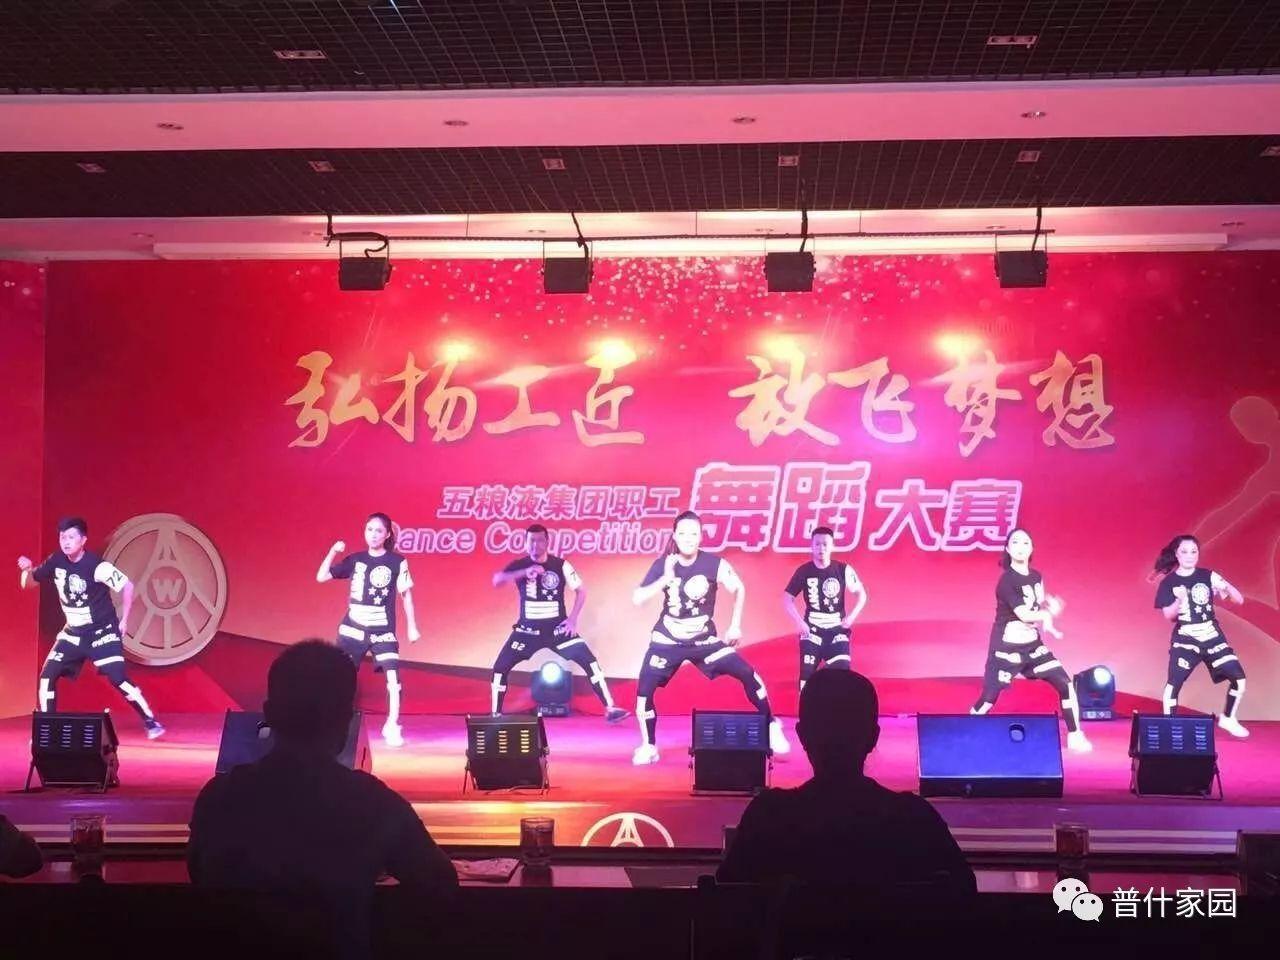 公司获五粮液集团 弘扬工匠放飞梦想 舞蹈比赛一等奖